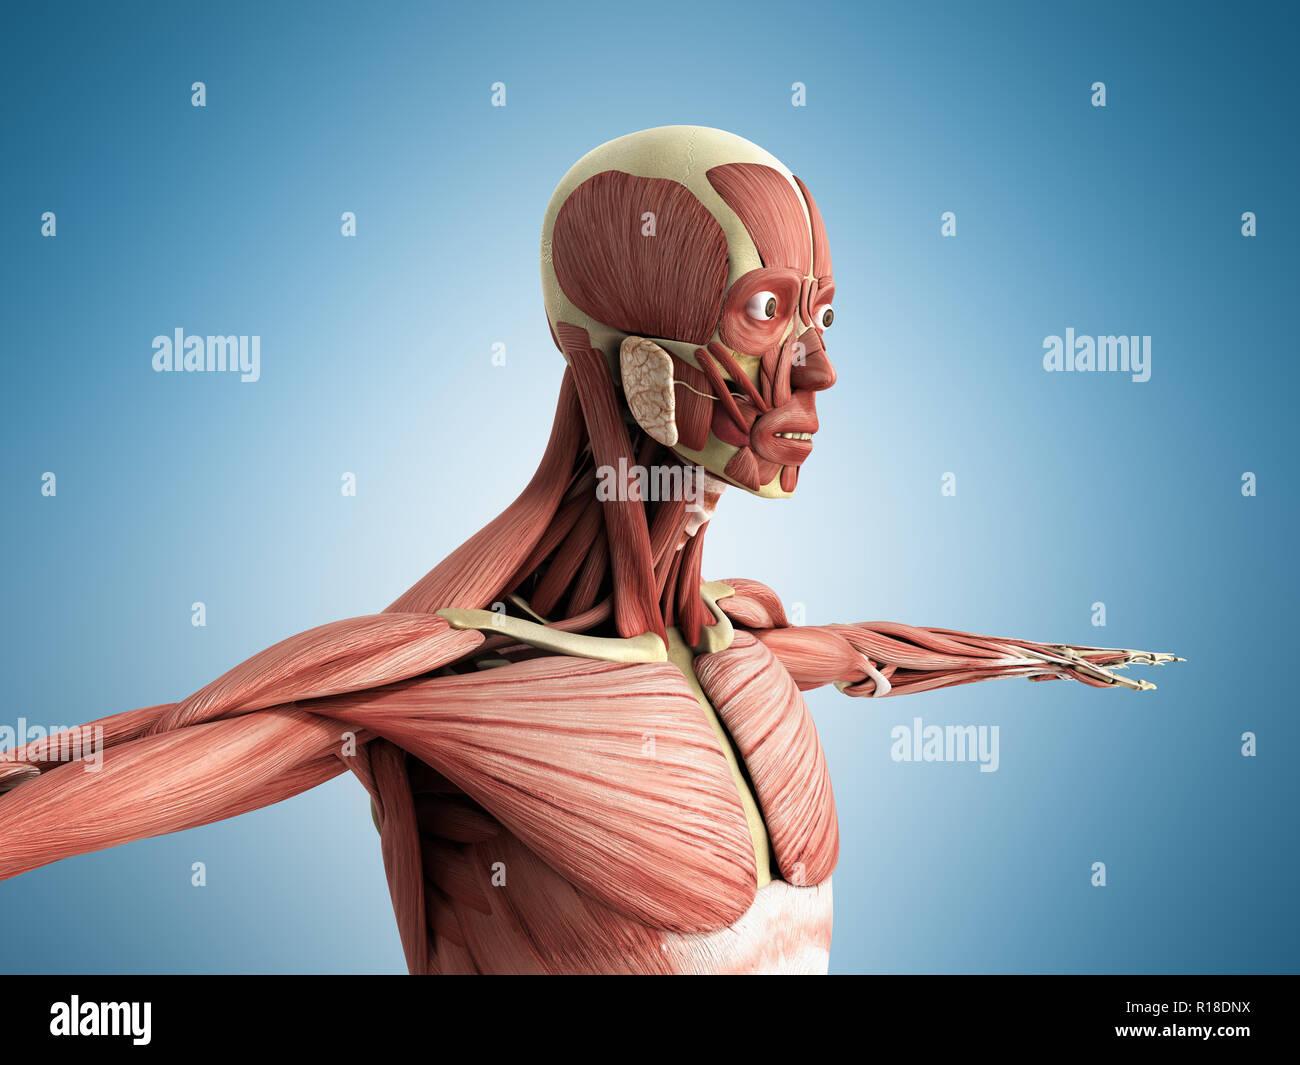 El músculo humano Anatomía 3D Render sobre azul Imagen De Stock